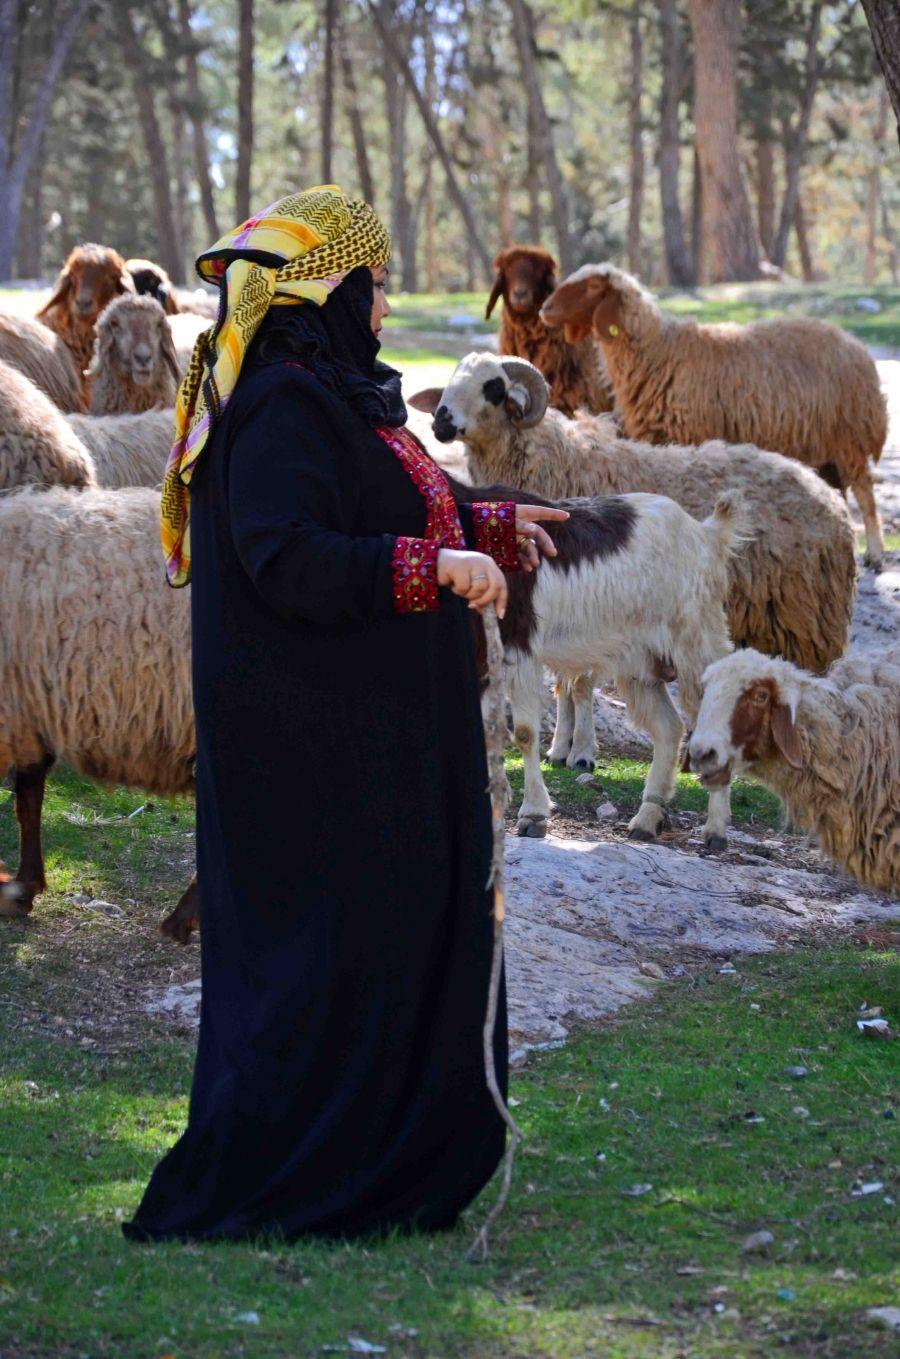 صورة راعية الأغنام للمصورة زهراء السماك شاهد الصورة على الموقع Http Www Ph Wall Com Photo Php Id 600 حائط Animals Goats